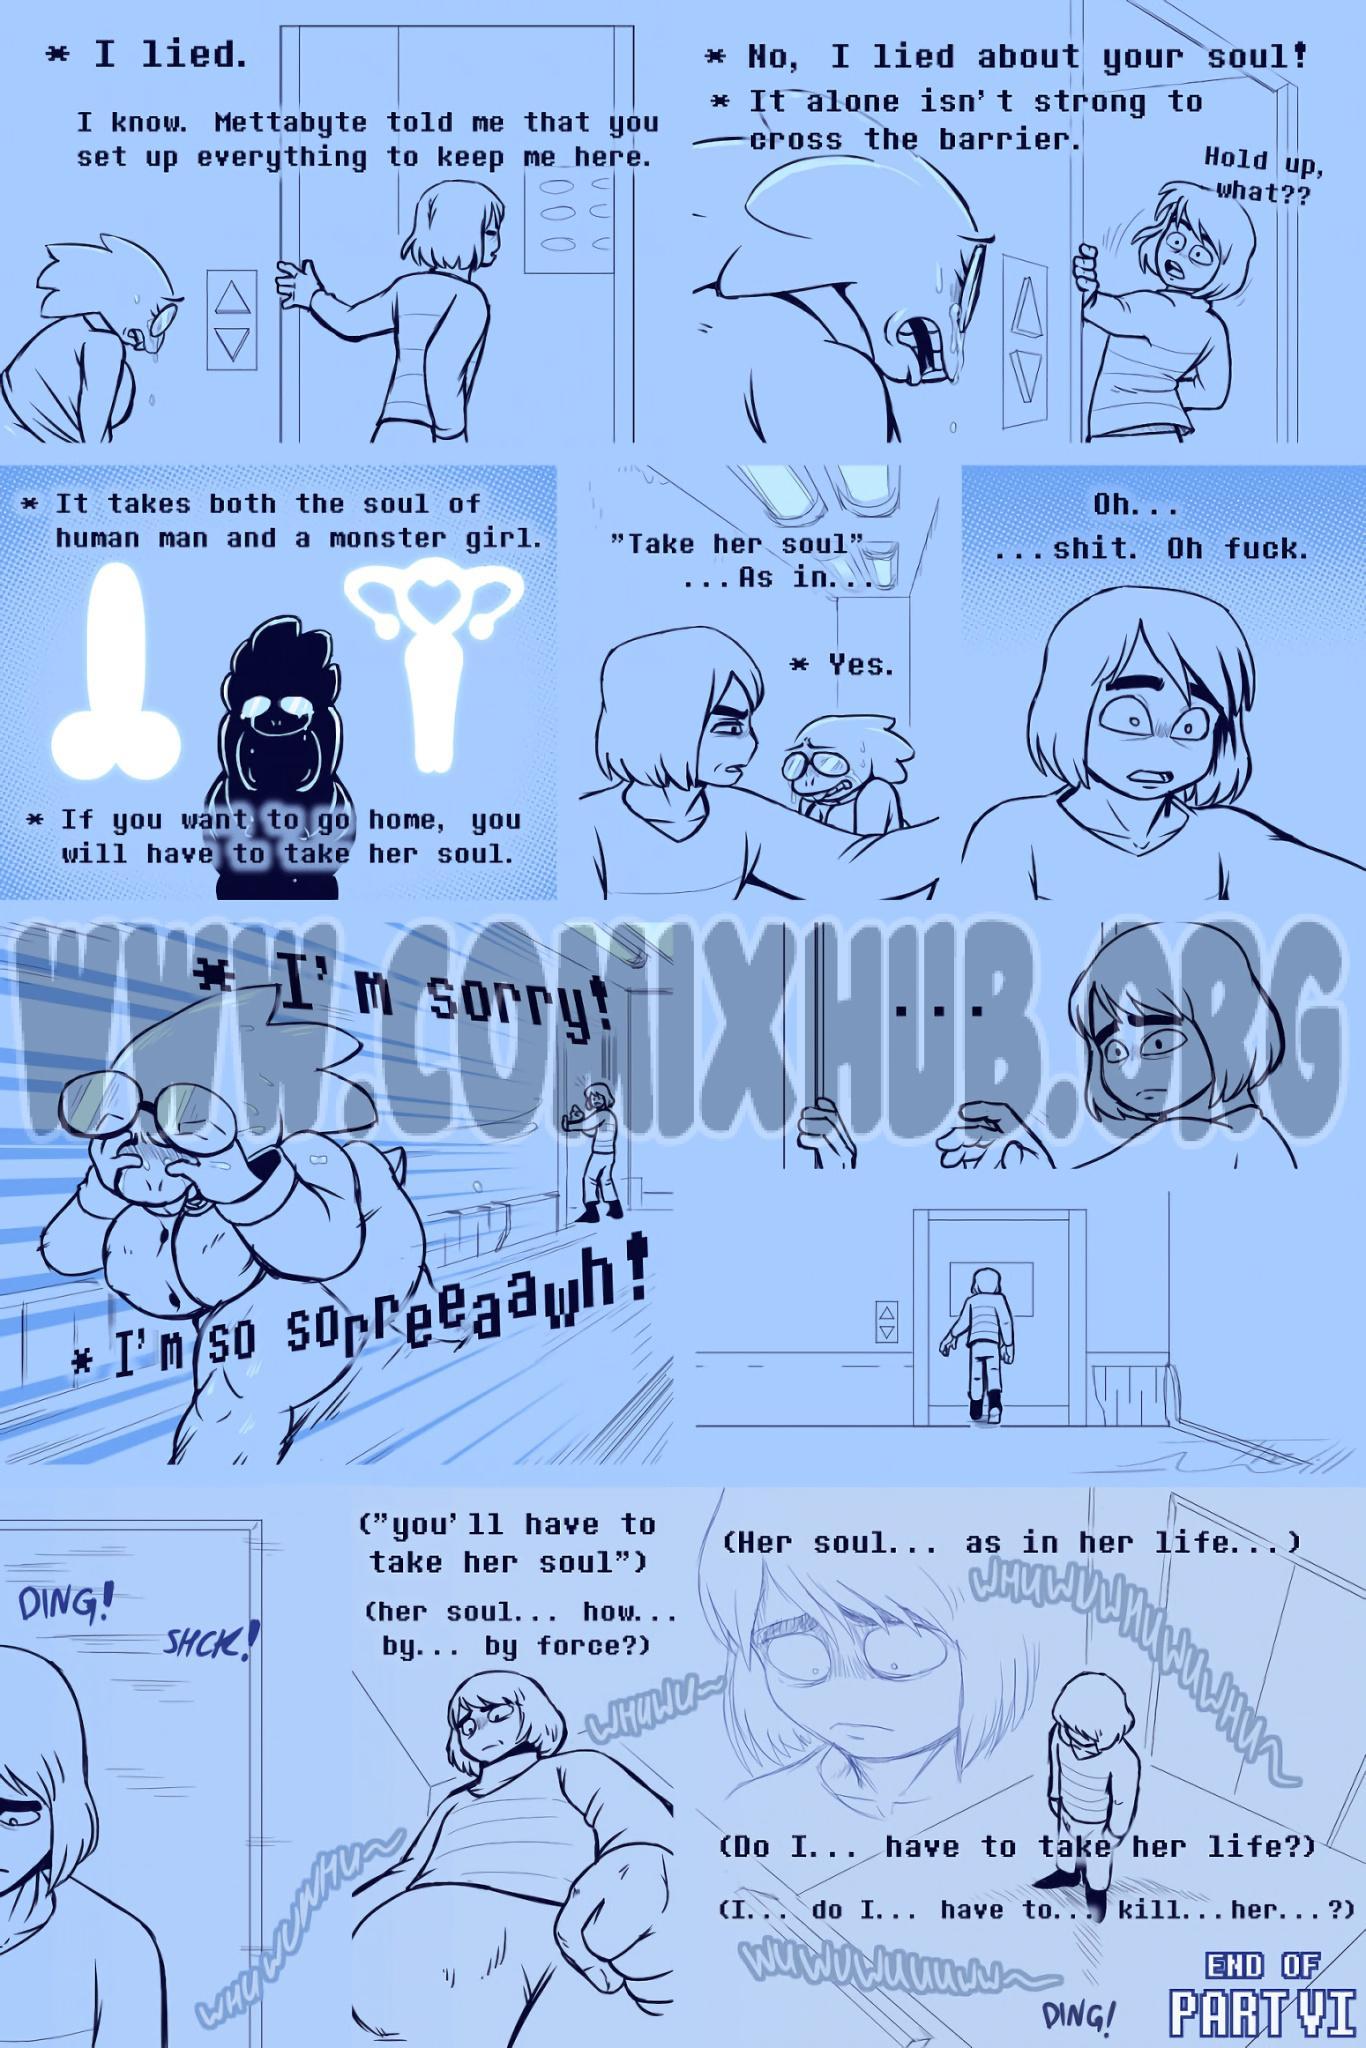 Under(her)tail Monster-GirlEdition 6 Straight, Monster Girls